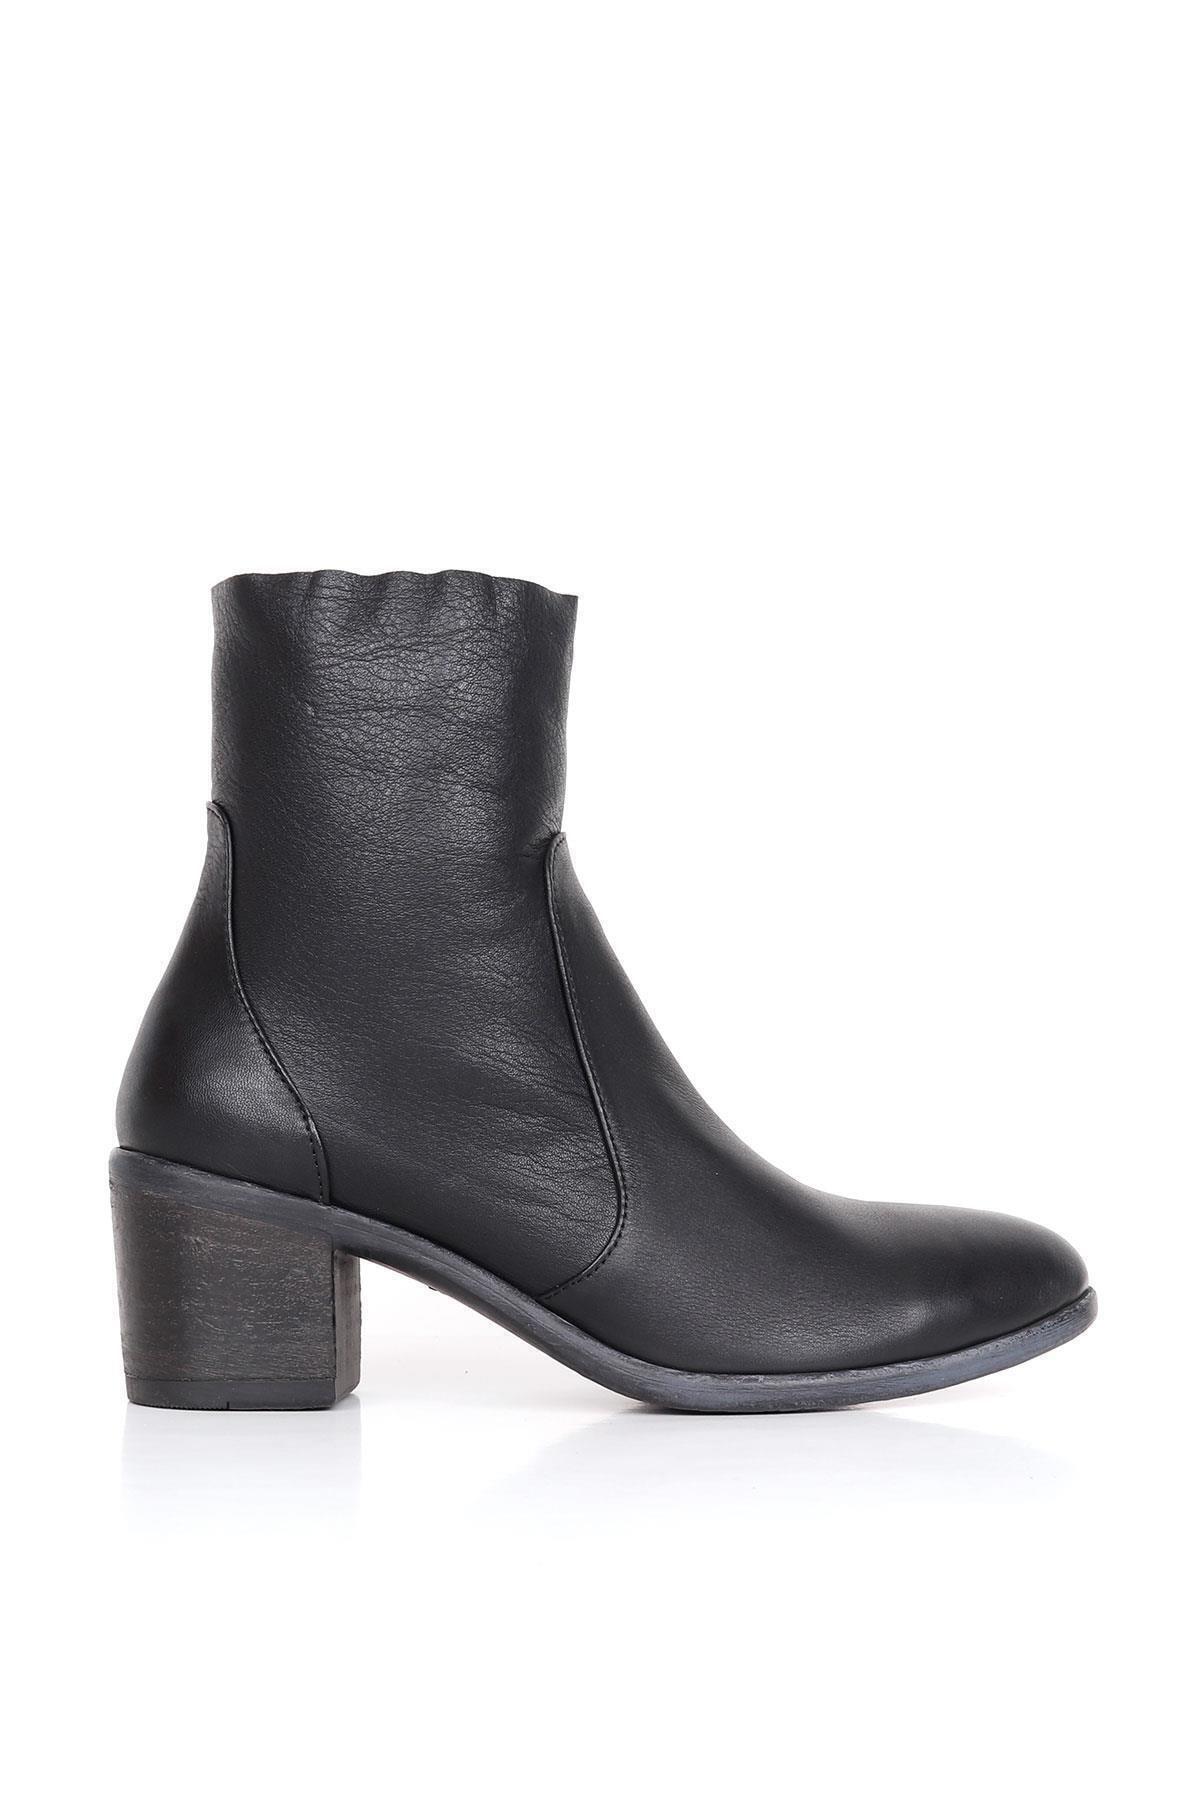 BUENO Kadın Siyah Hakiki Deri Topuklu Bot 01wr2900